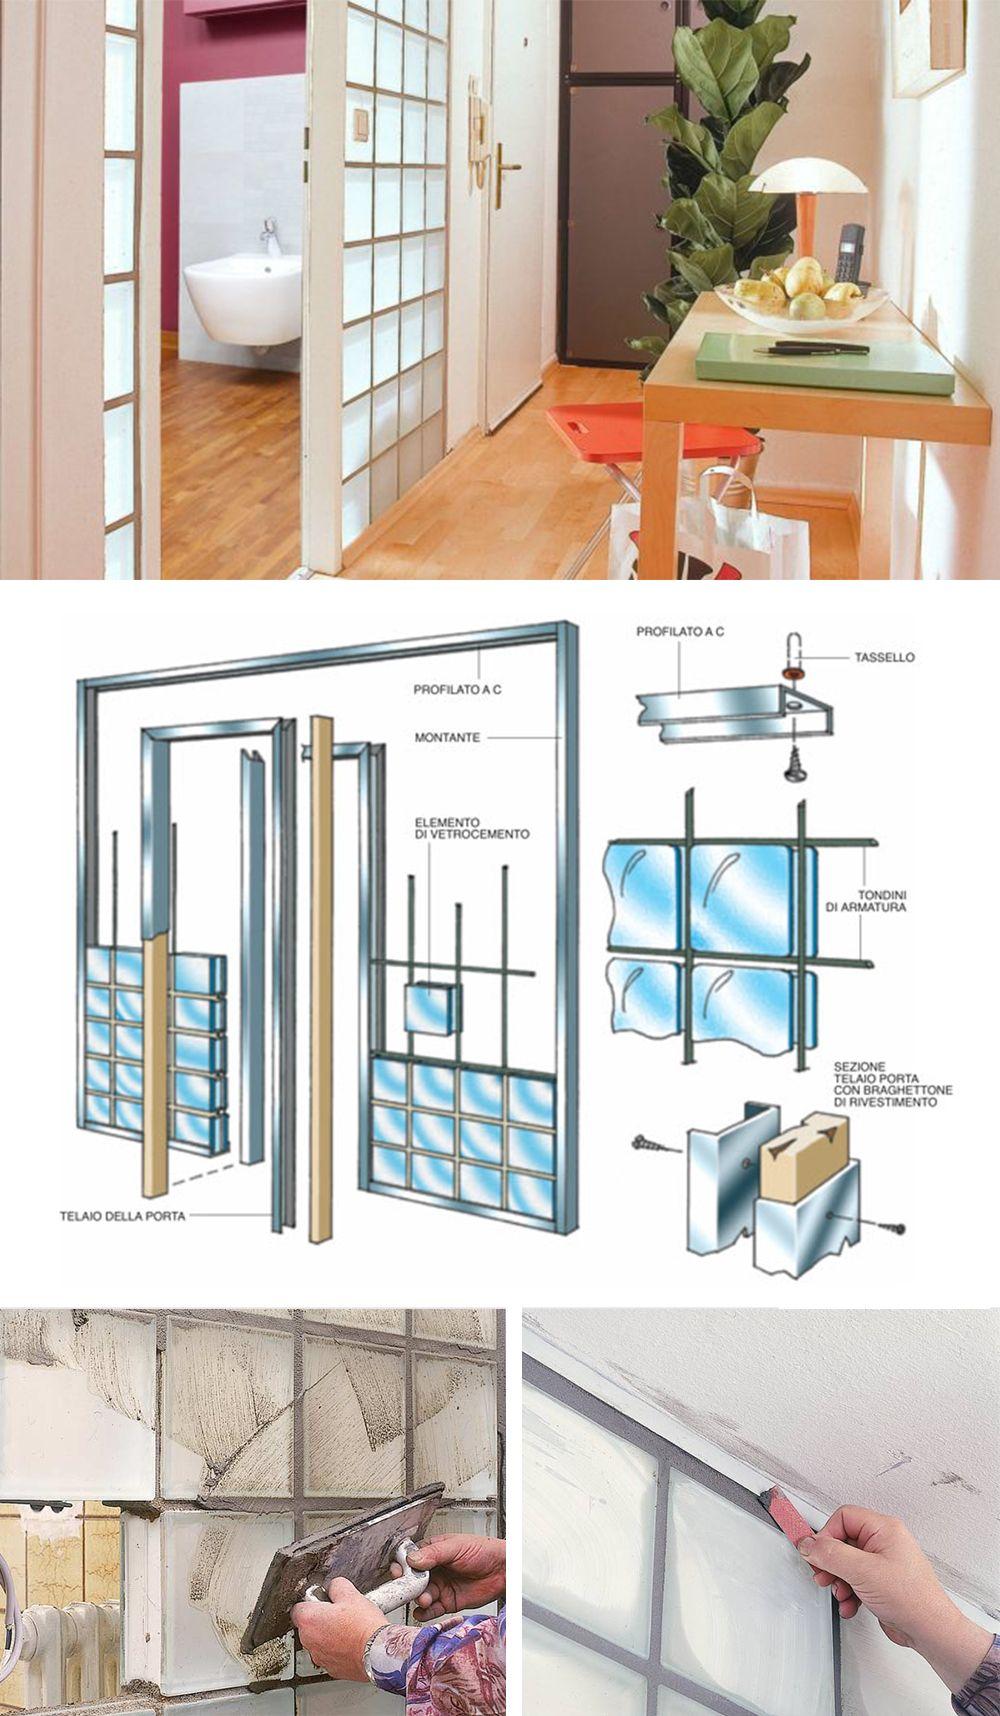 Costruire Una Parete In Vetrocemento parete in vetrocemento fai da te | parete